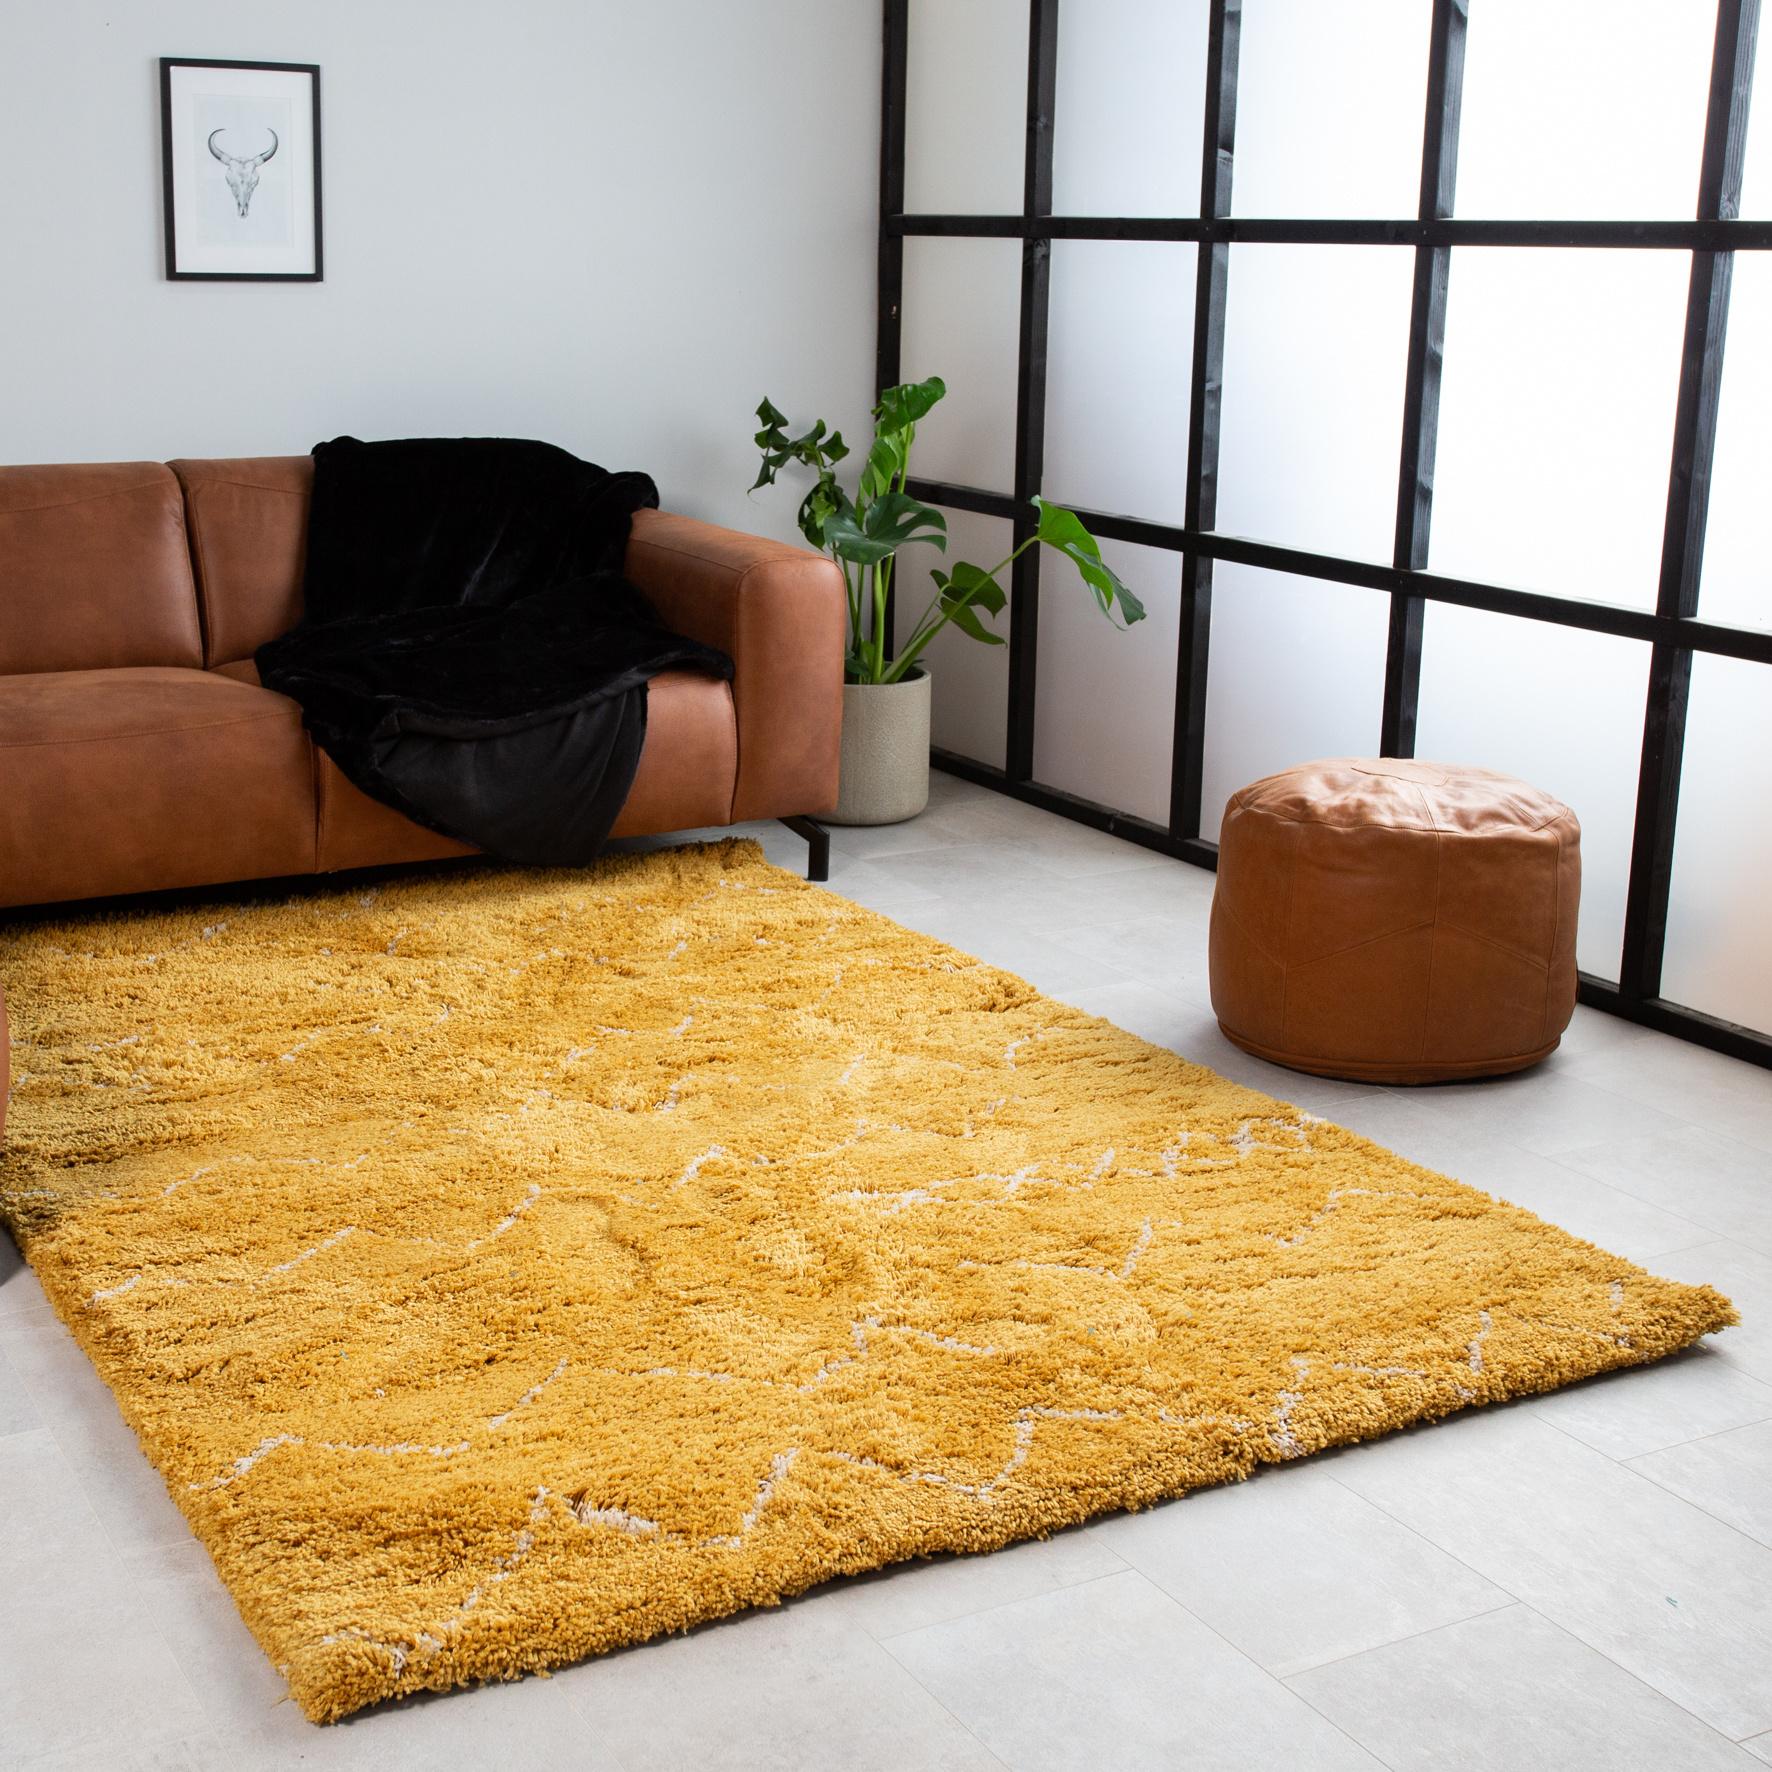 Vloerkleed, tapijt of karpet kopen?